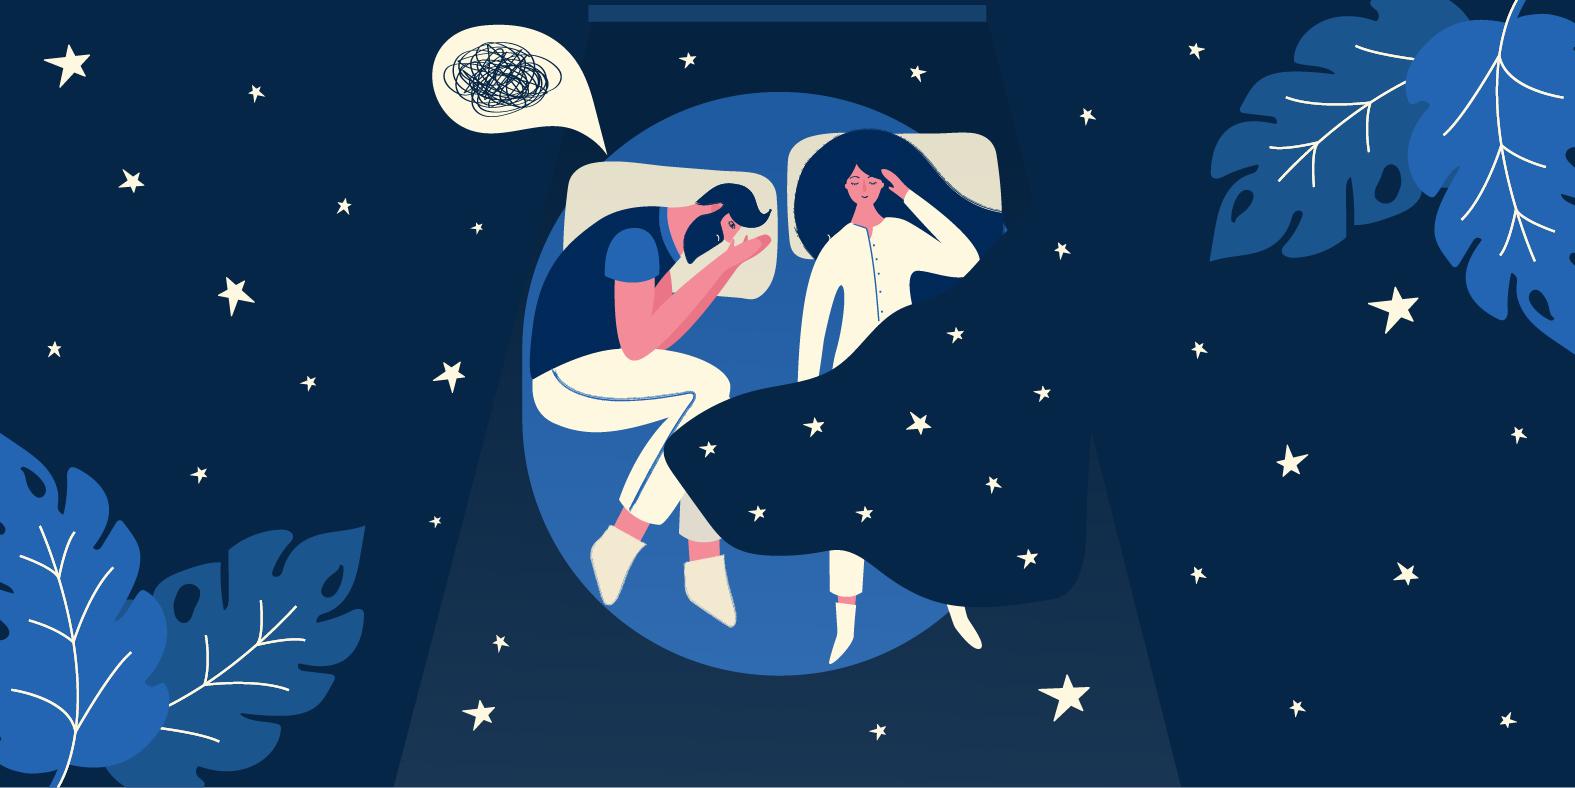 Schlaflose Nächte: Wenn die innere Uhr aus dem Takt gerät